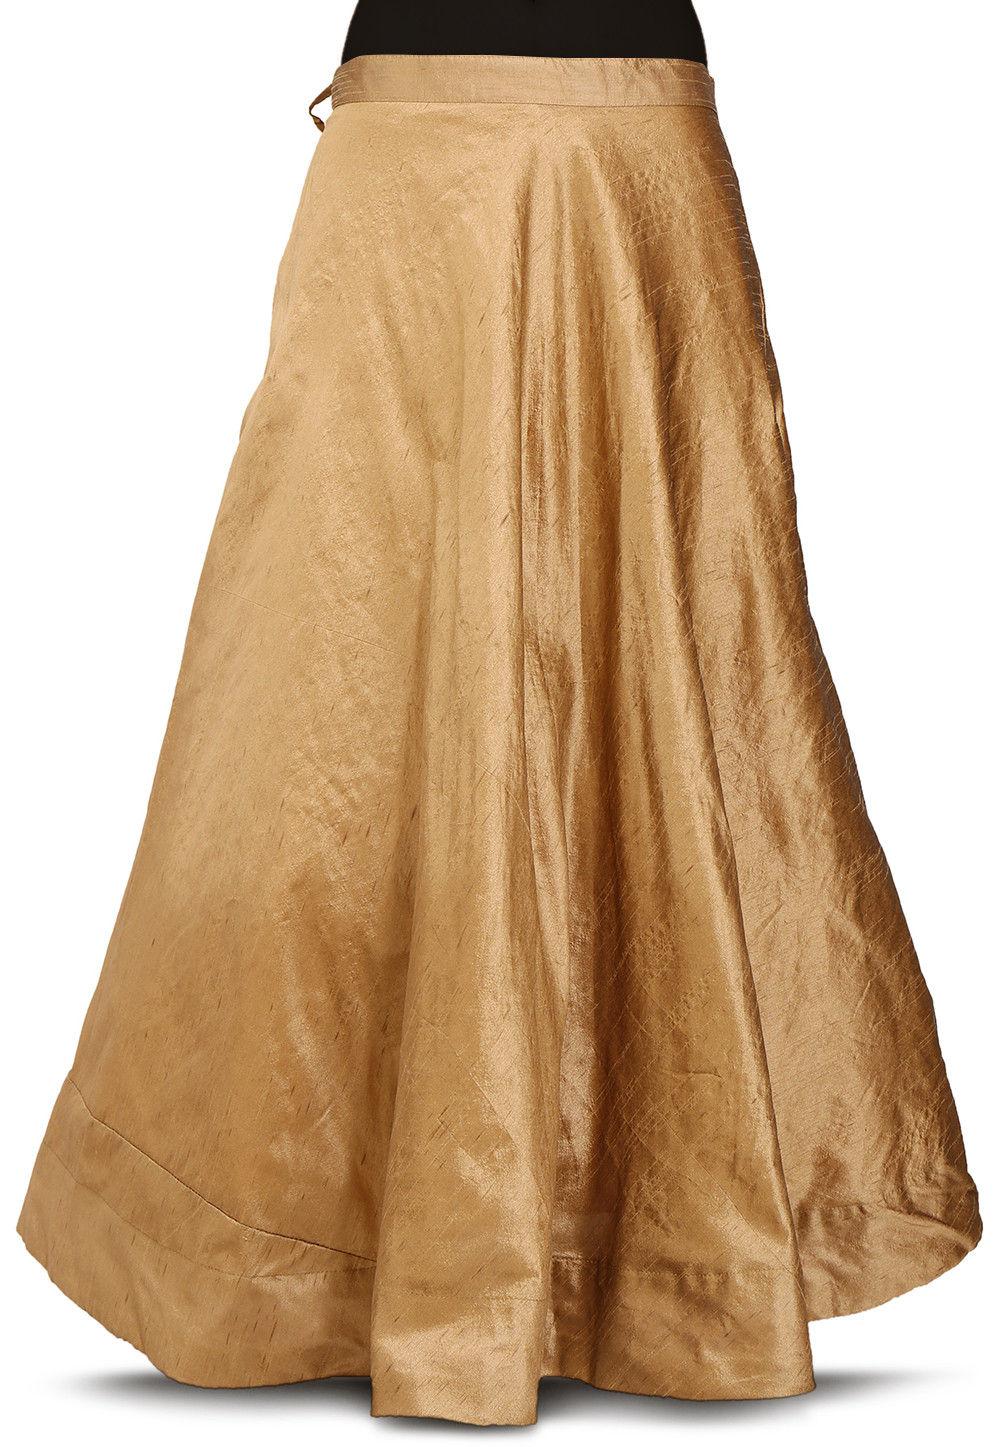 3820dce3e4e5 ... Plain Dupion Silk Skirt in Dark Beige. Zoom